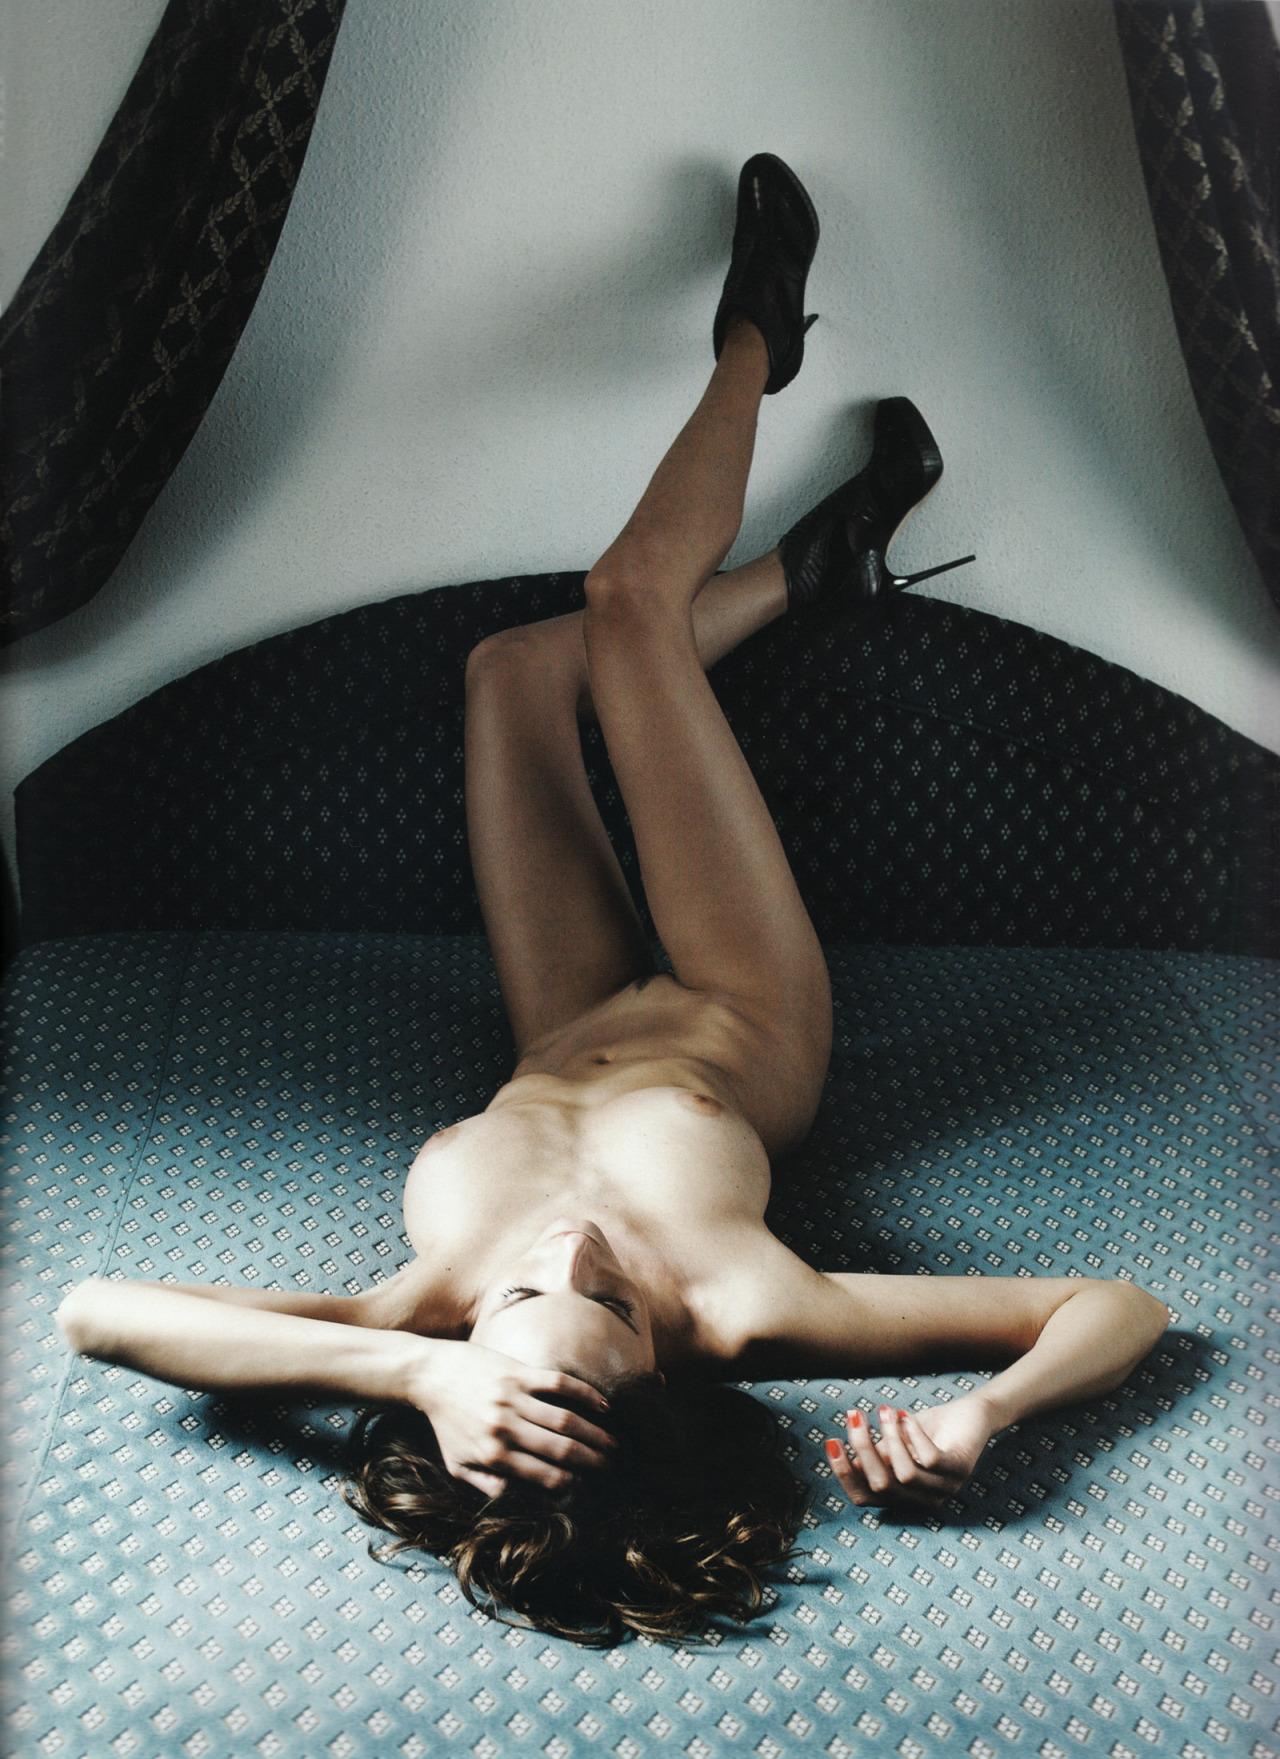 femme nue sur un lit